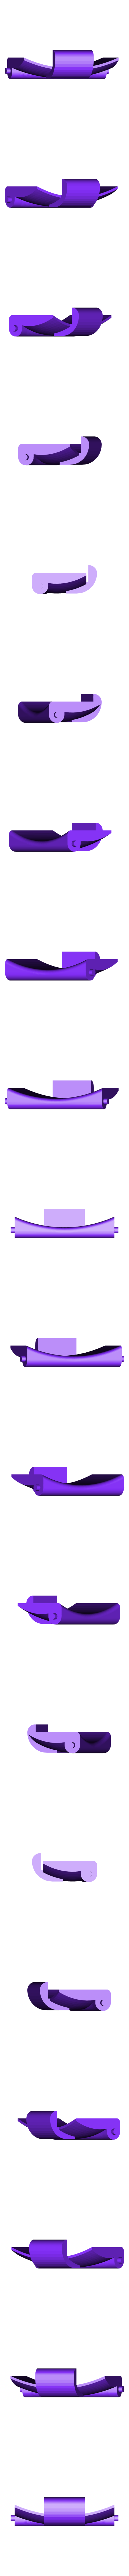 Lid.STL Télécharger fichier STL gratuit Distributeur de pilules rotatif • Design imprimable en 3D, Rusichar